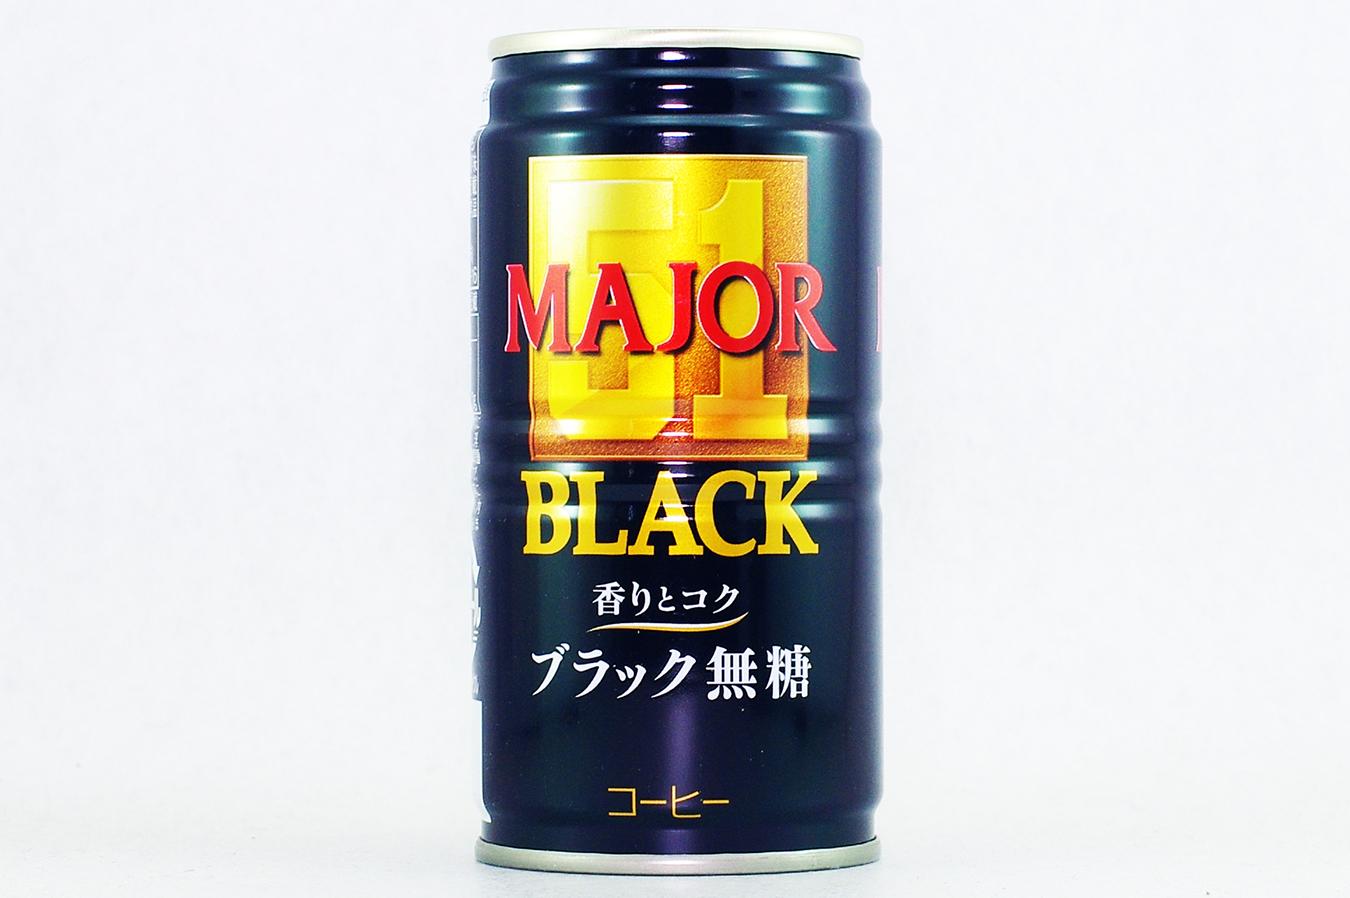 MAJOR 香りとコク ブラック無糖 2018年10月